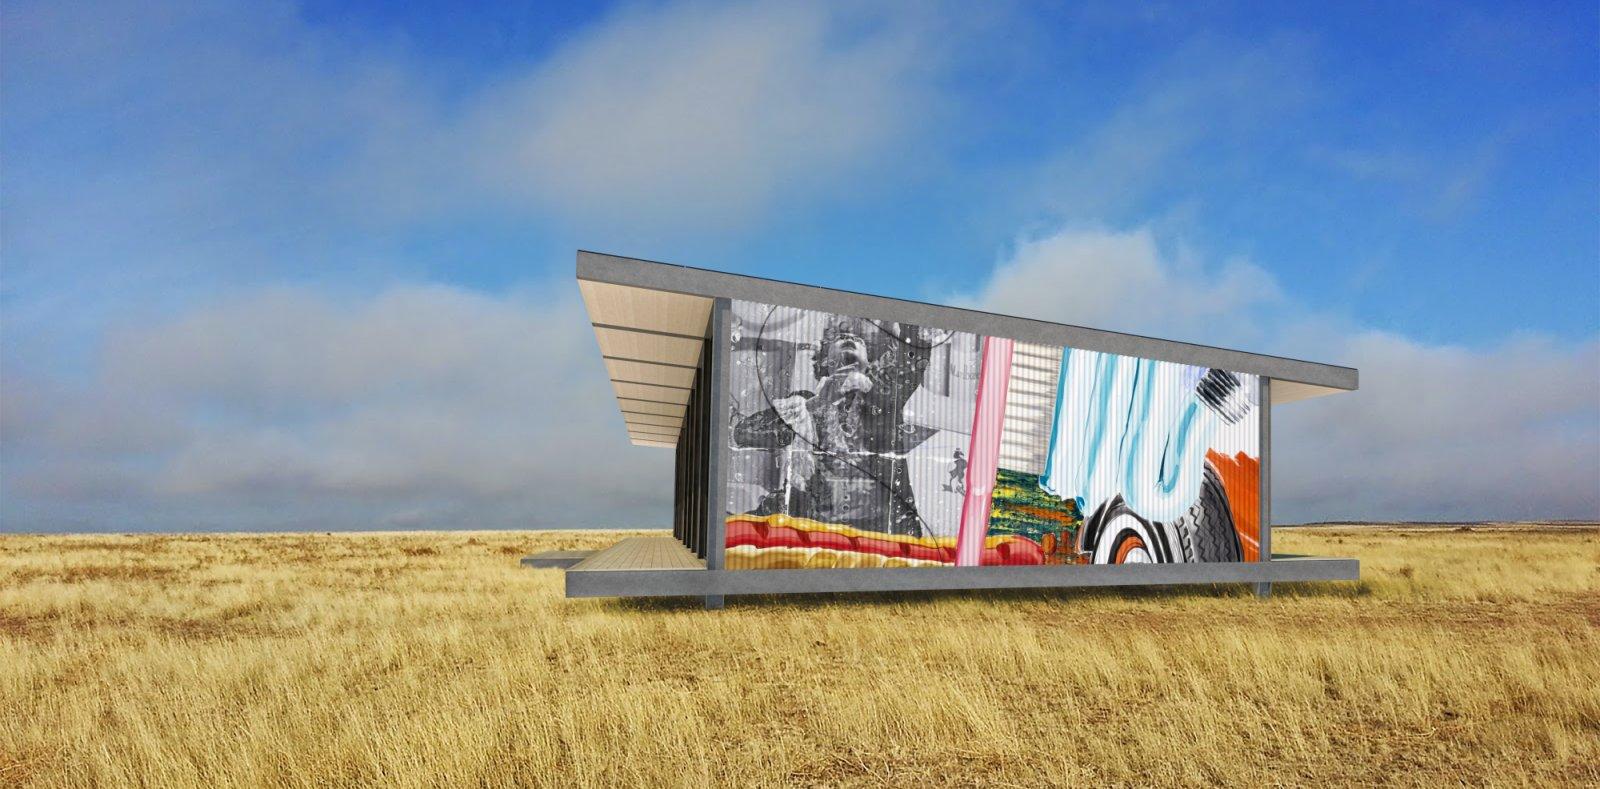 Desert Art House